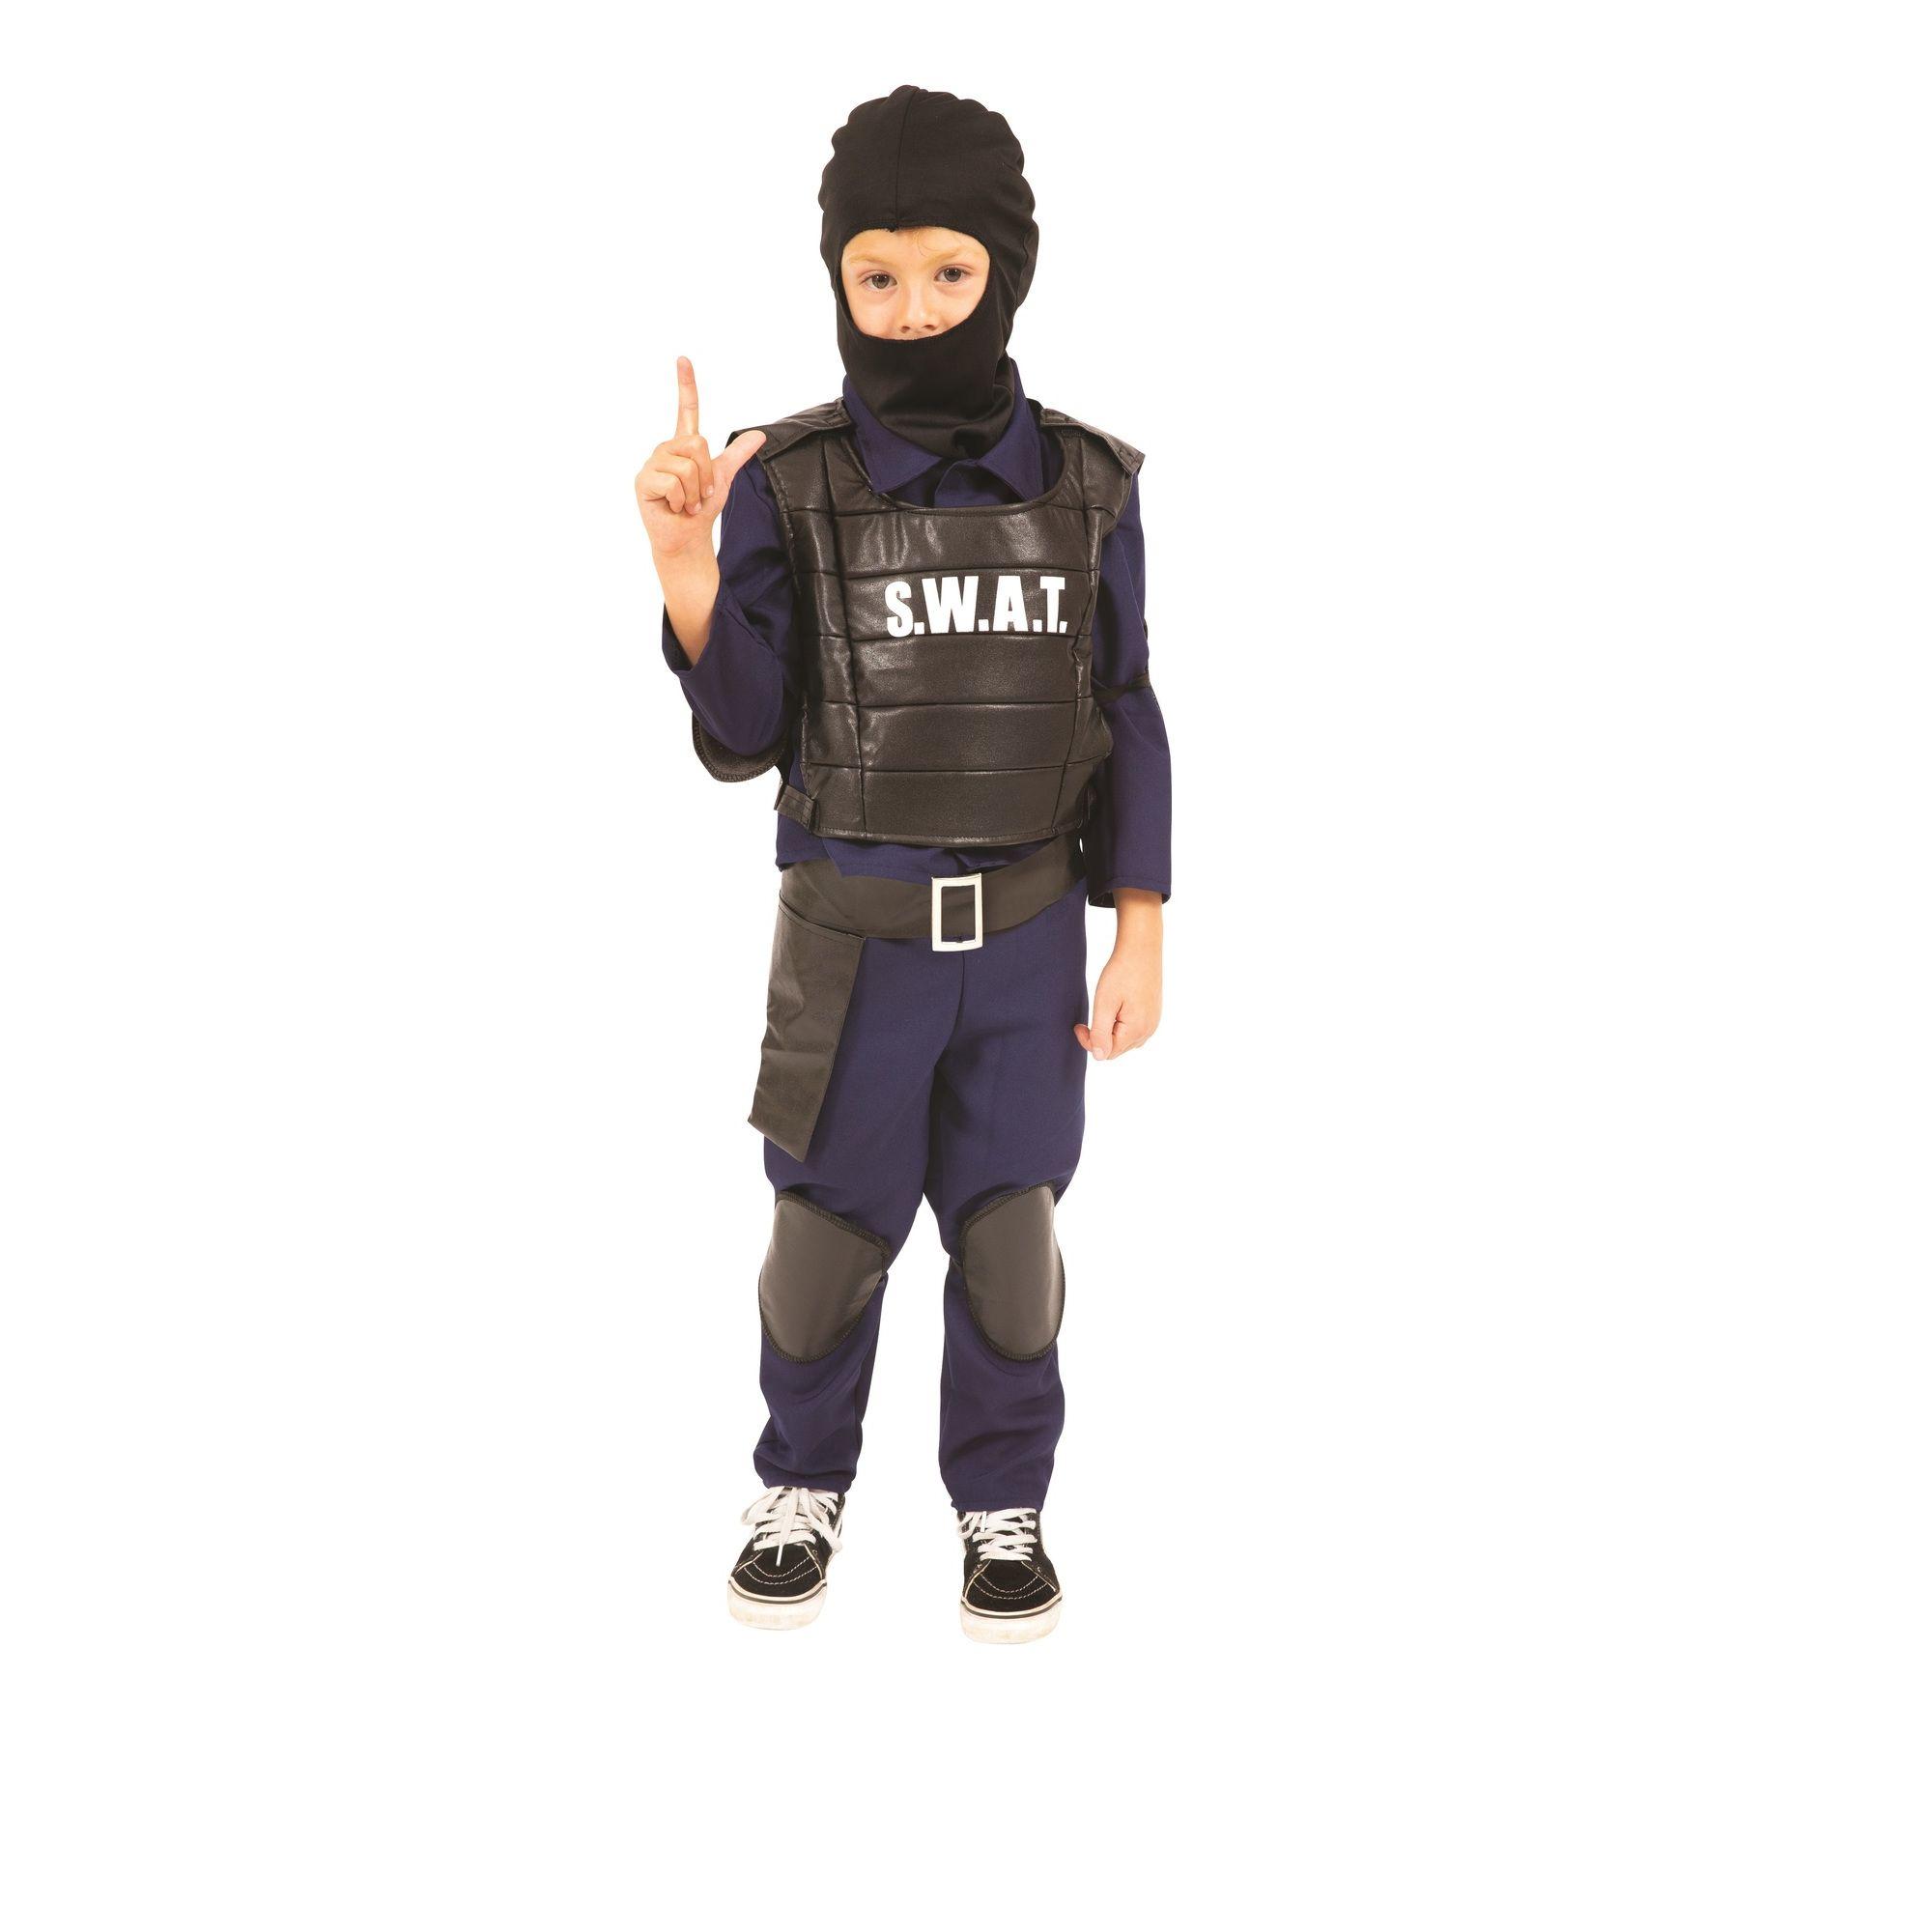 COSTUME DA SWAT - AGENTE SPECIALE FANCY WORLD